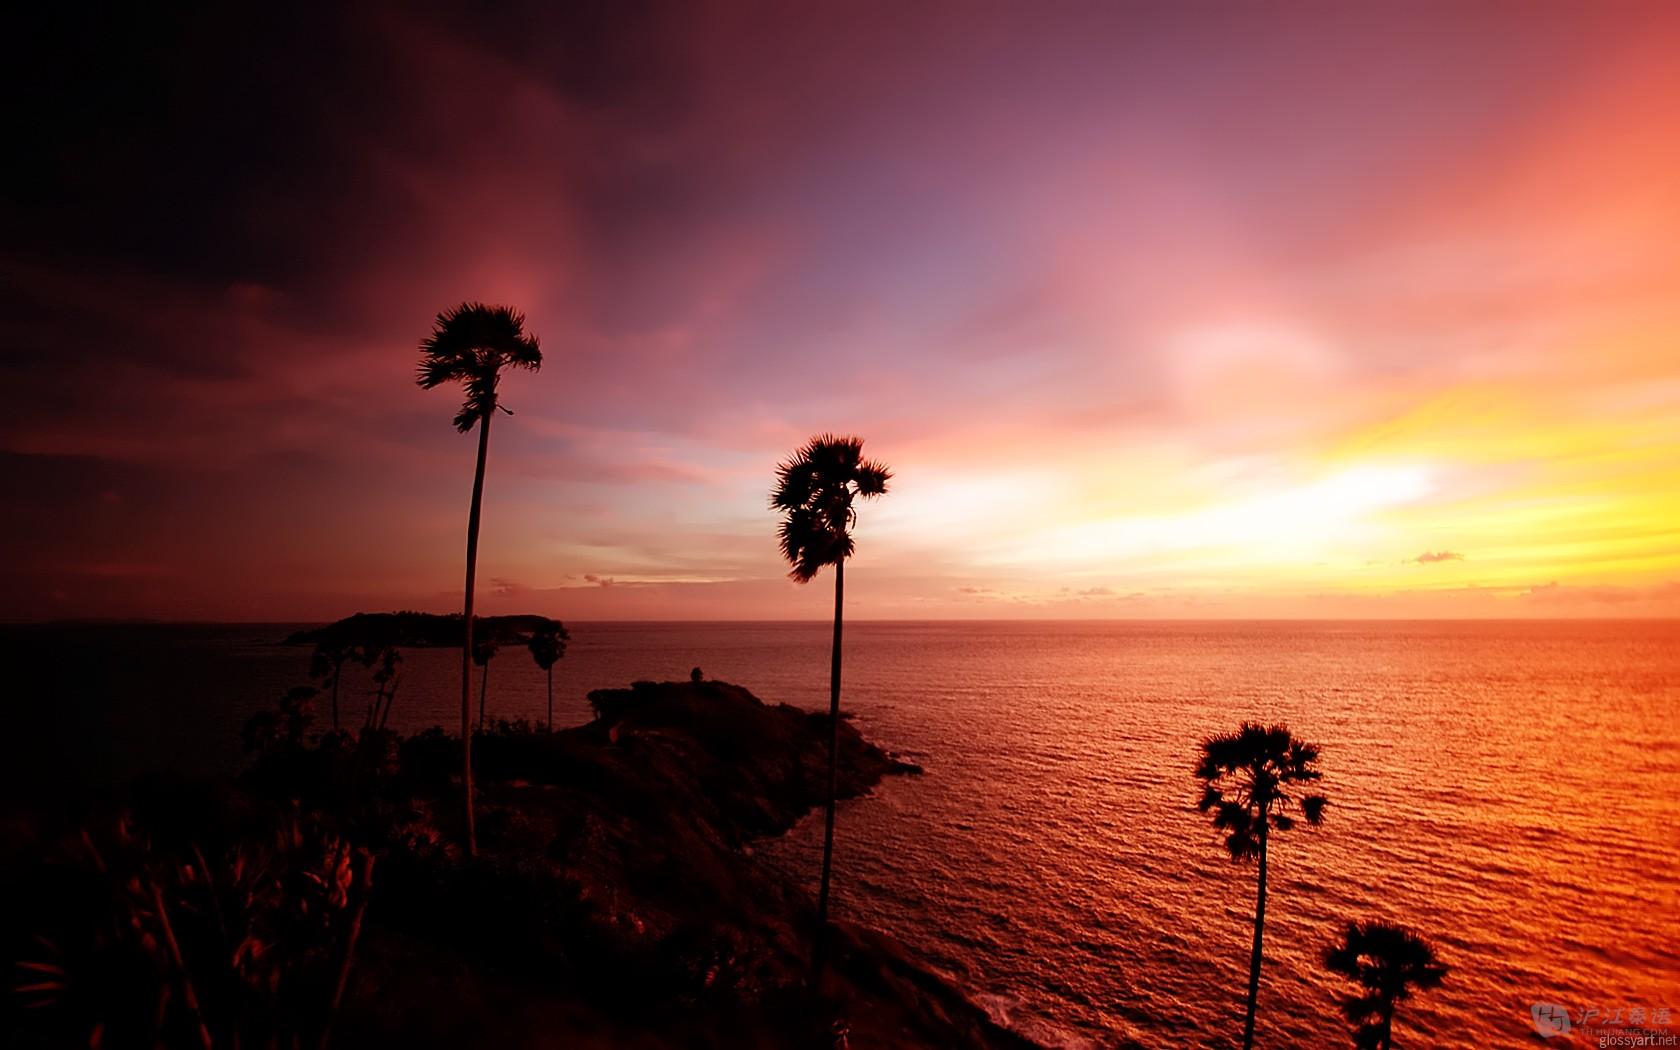 [成都出发]【浪漫海岛】唯见●普吉7天5晚悠闲时光游